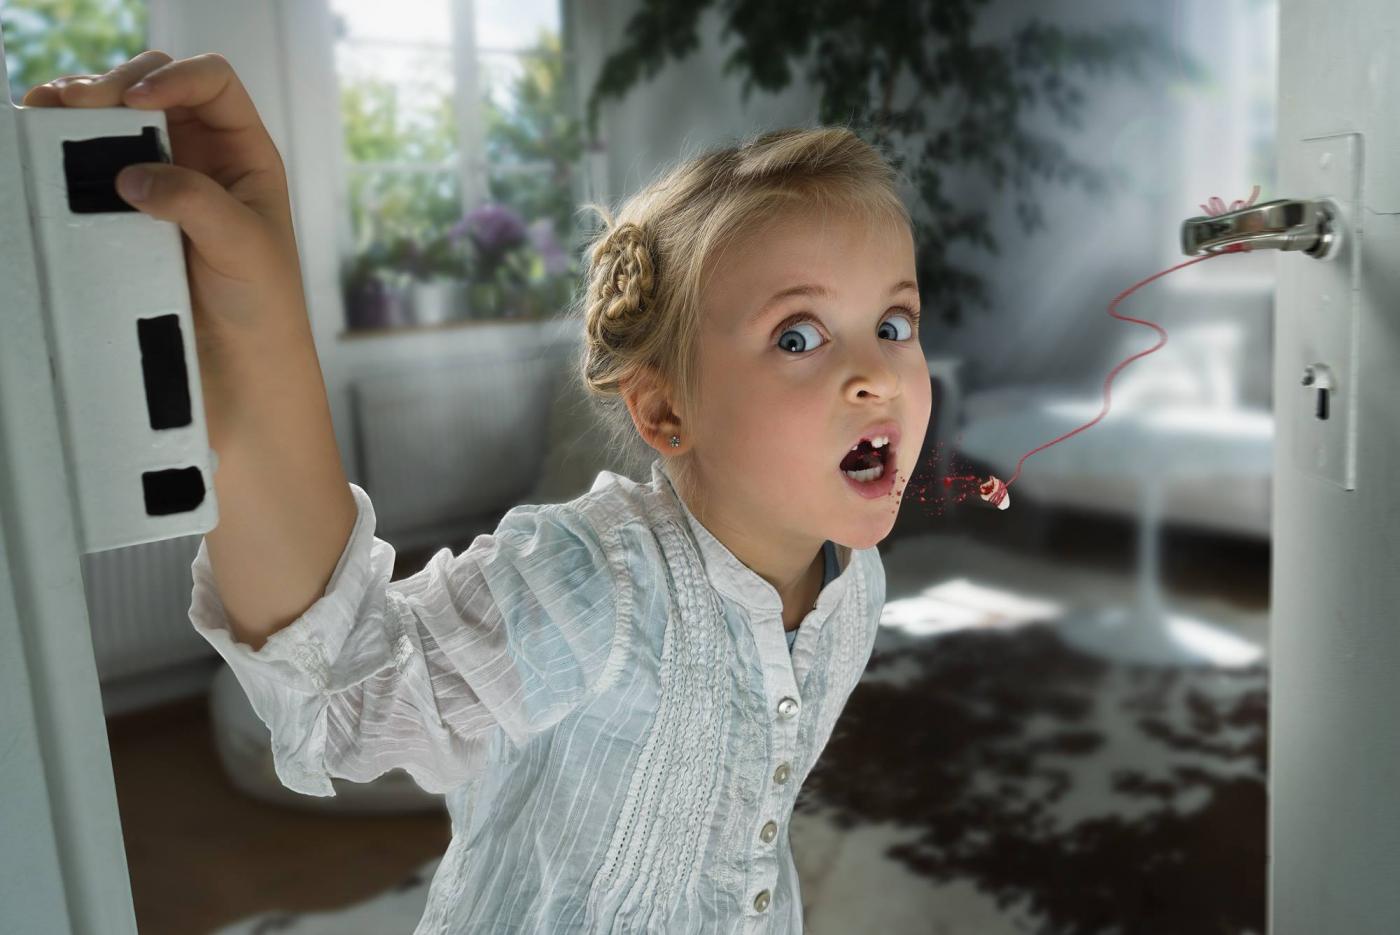 【攝影蟲】創意老爹俏女兒加強版___John Wilhelm_图1-31